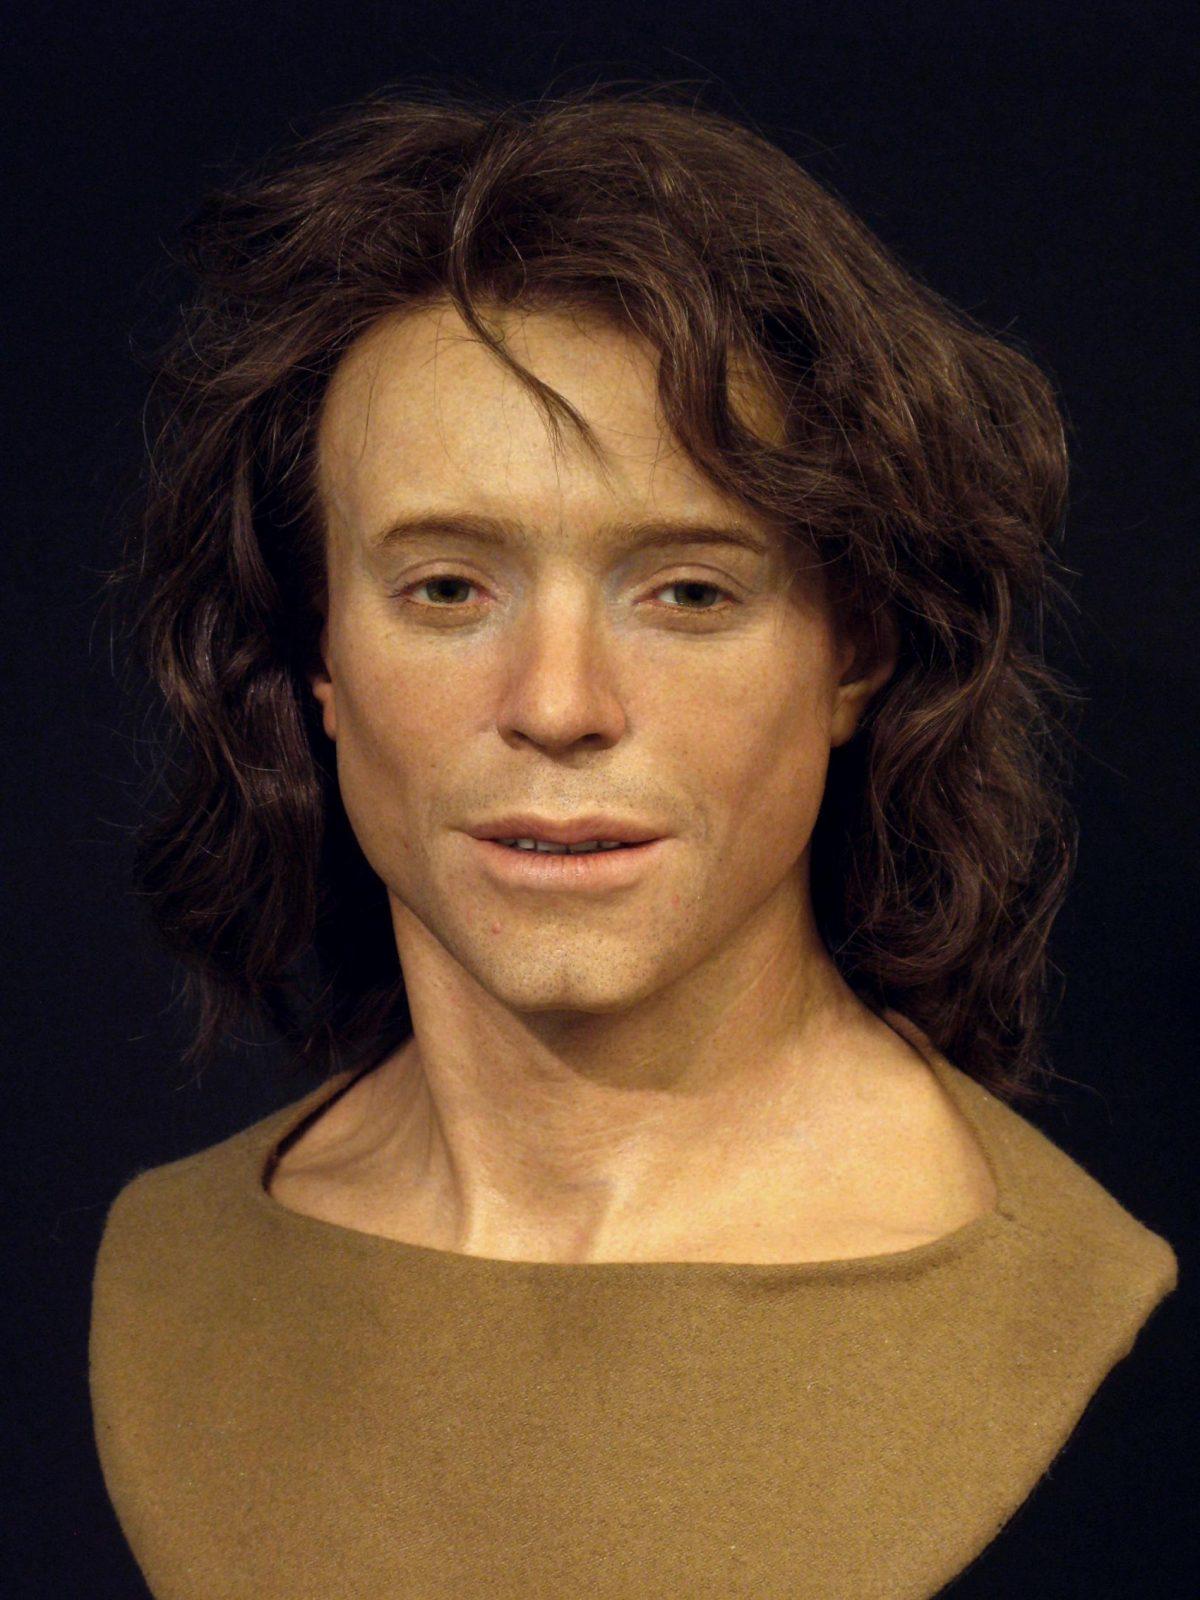 ชาวโรมัน, ภาพสามมิติ